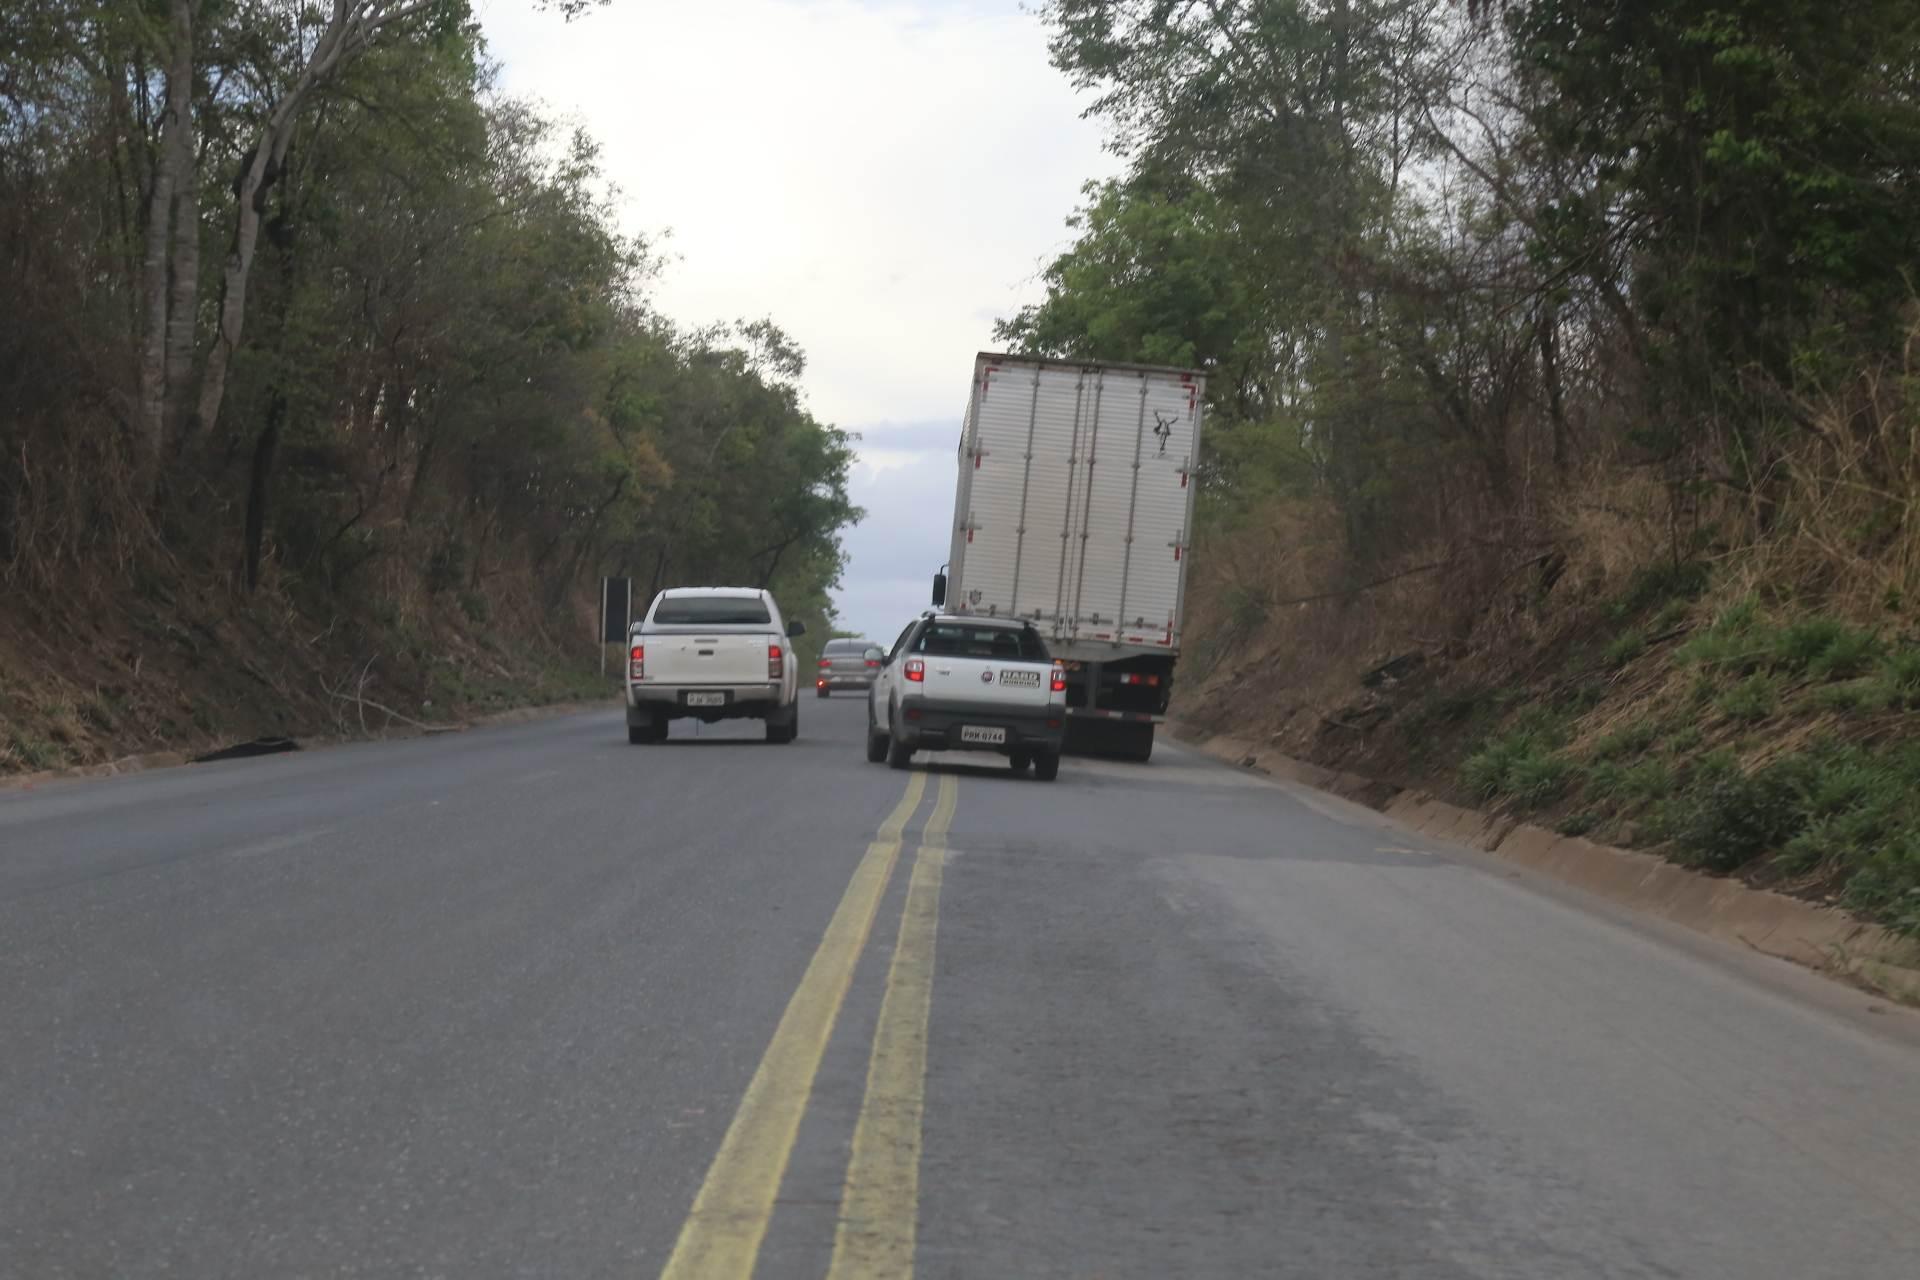 Ultrapassagem em faixa contínua registrada também próximo a cidade de Pirenópolis – Foto: Jackson Rodrigues